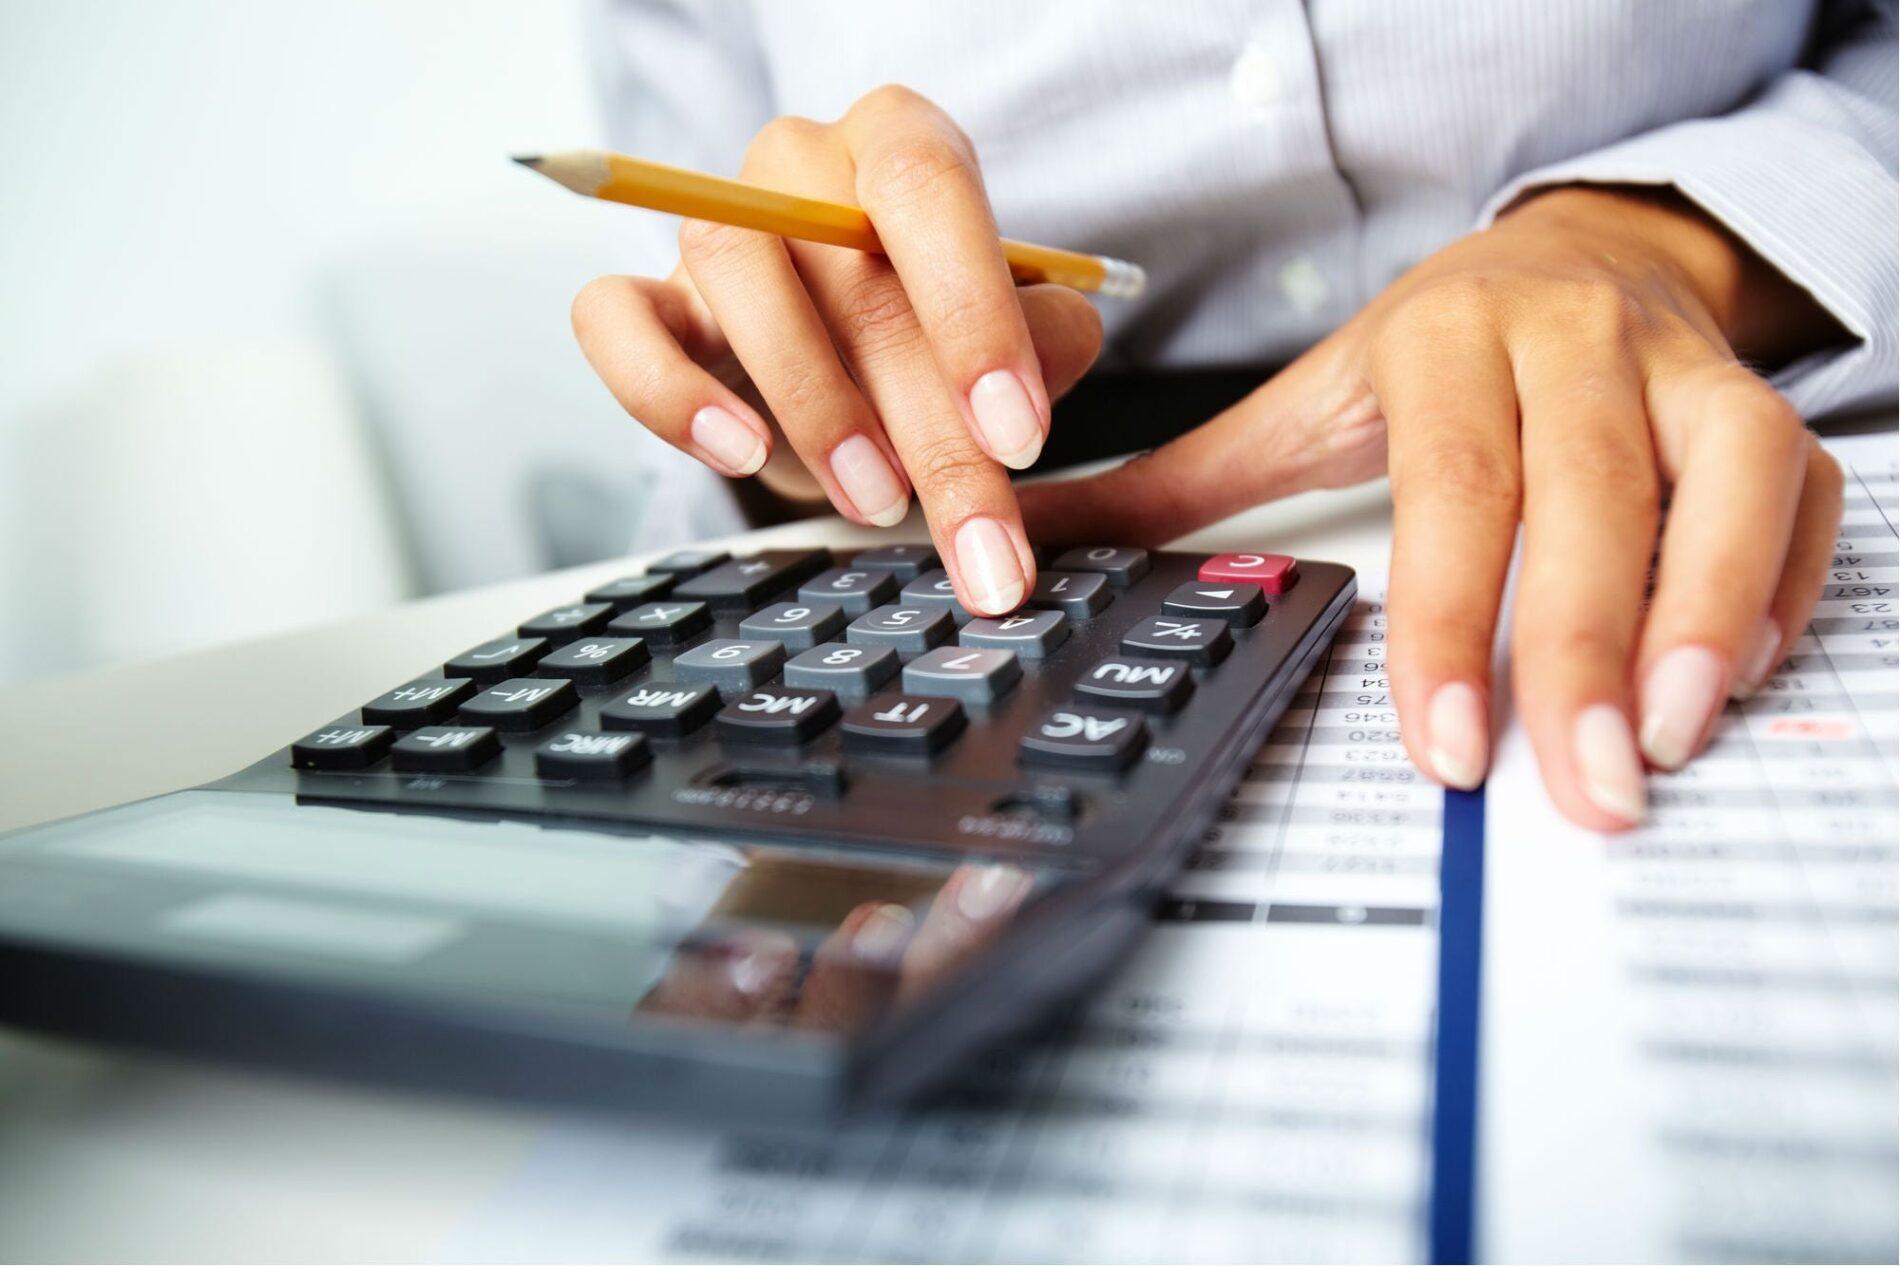 Recomendaciones para cuidar sus finanzas en tiempos de crisis